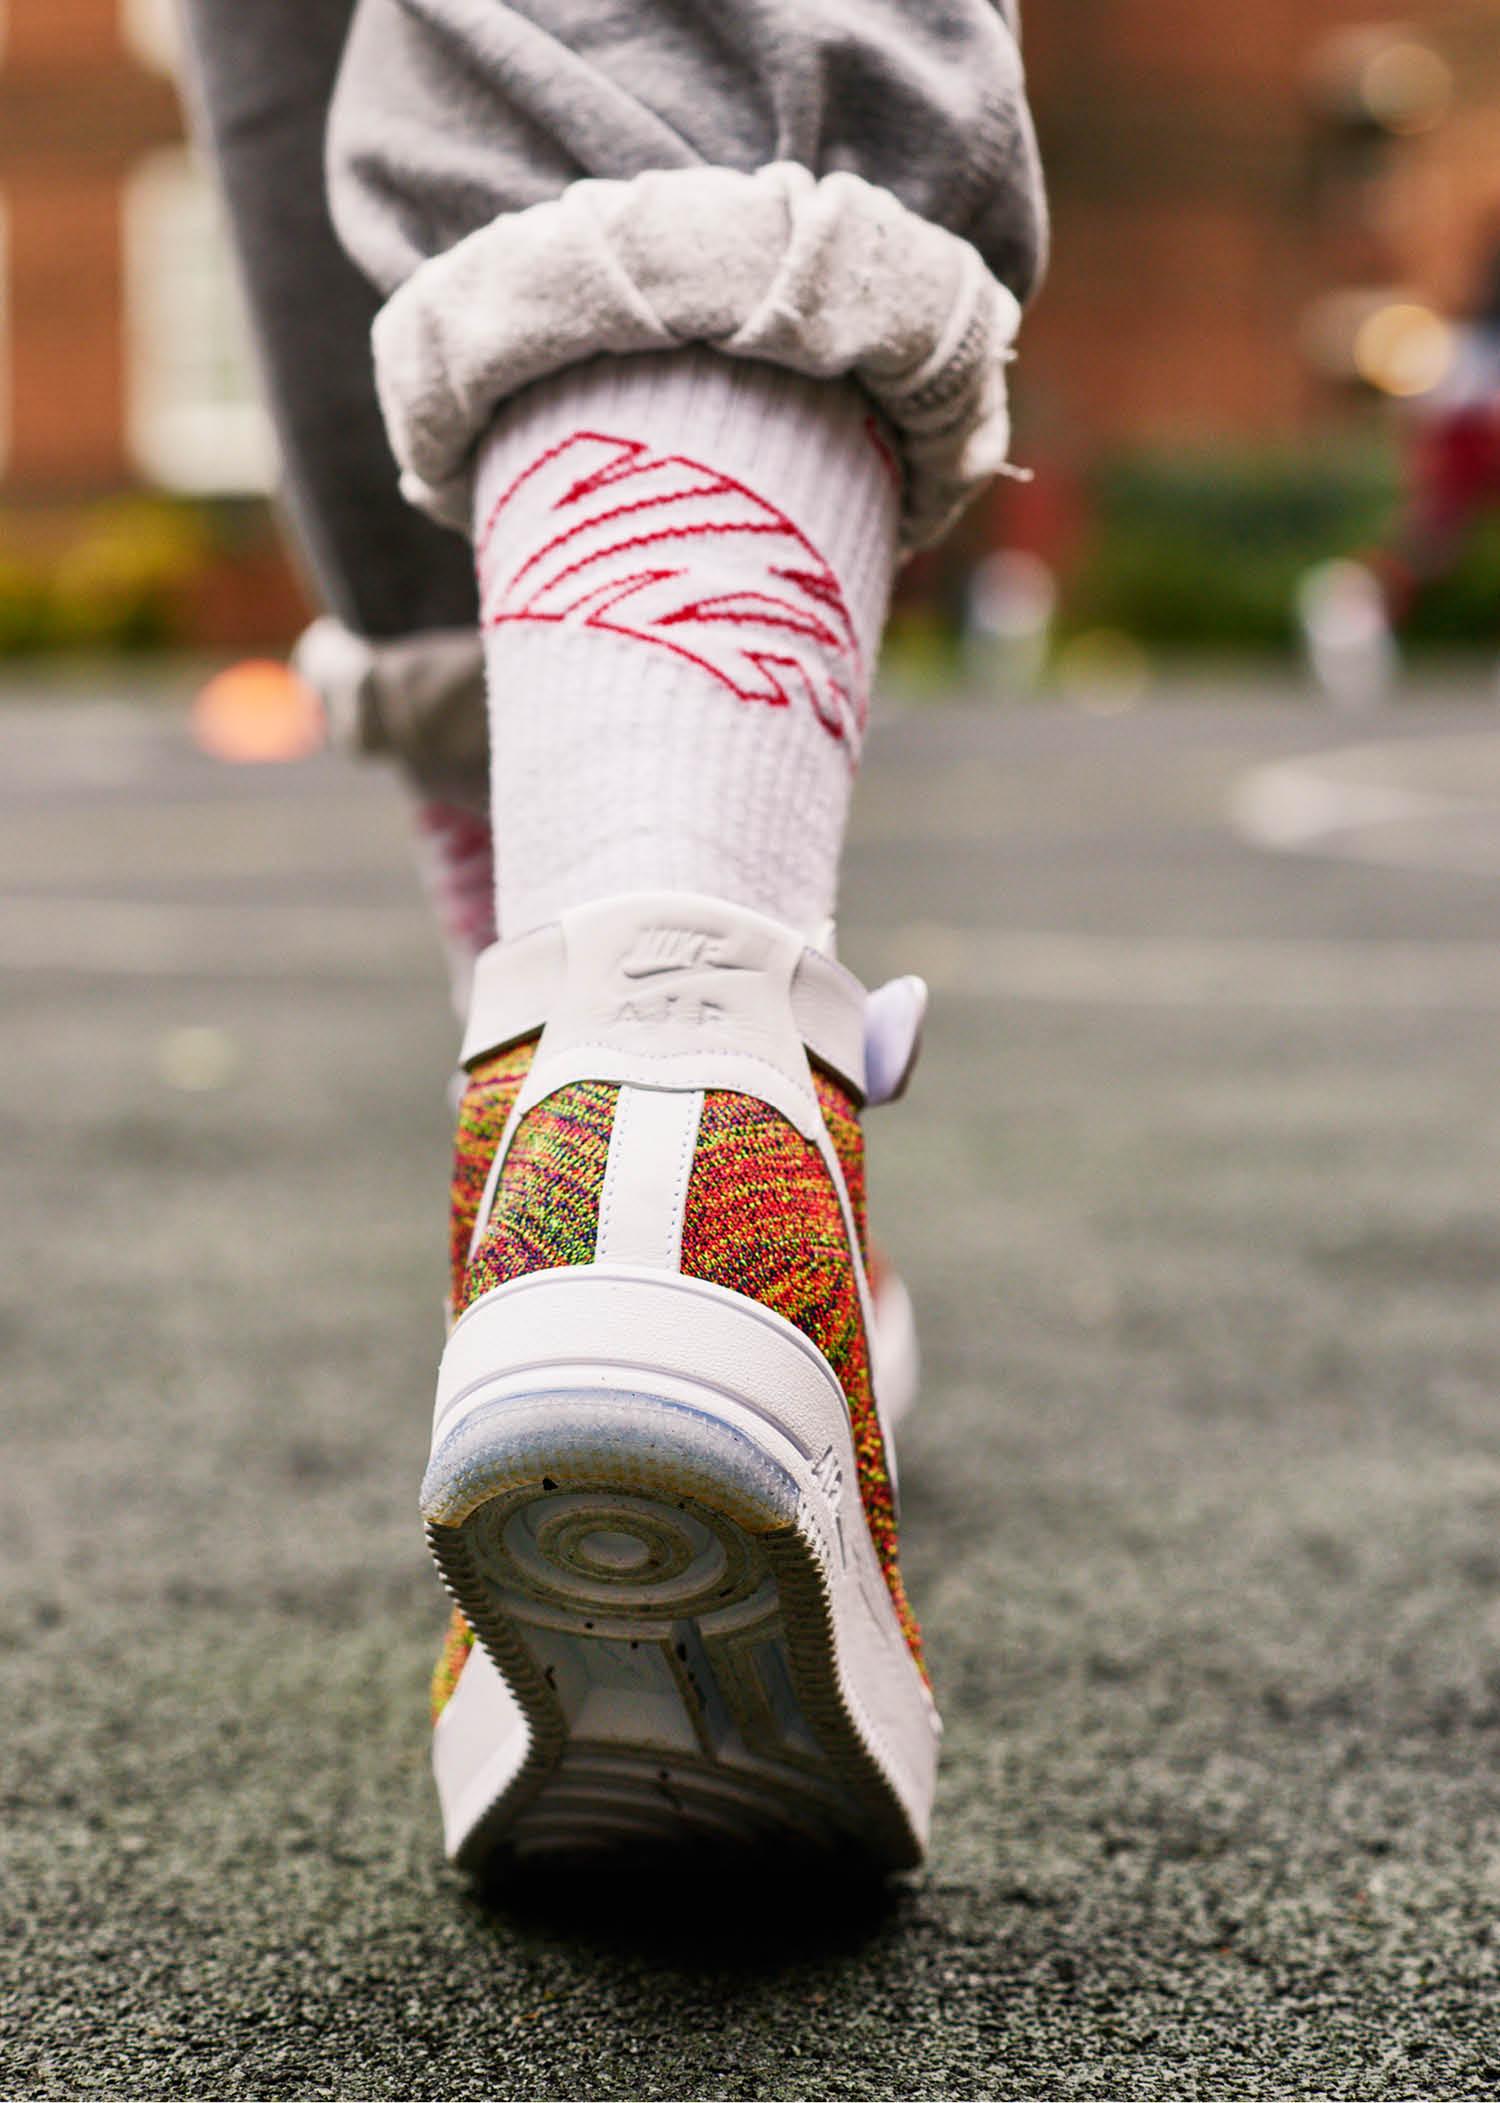 Champ_Gazelles_Nike_Final_HighRes